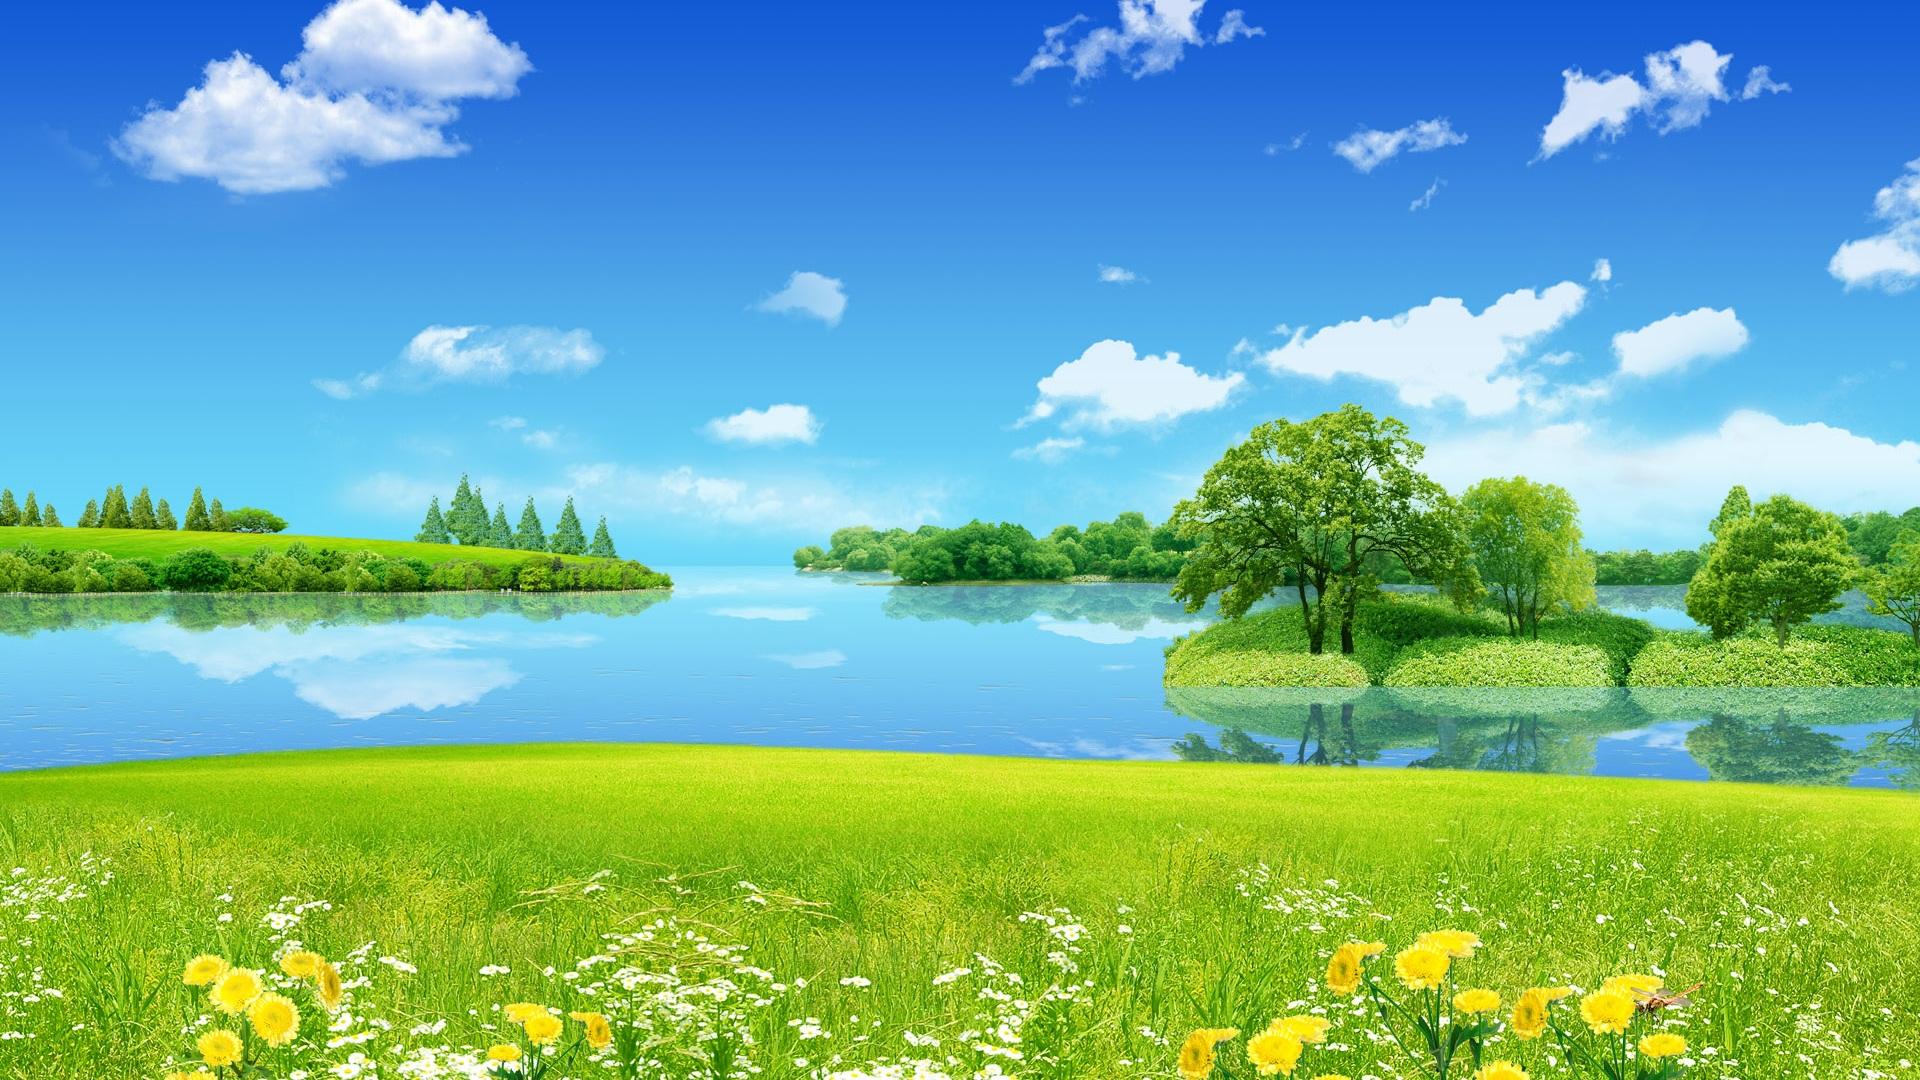 壁紙】 美しい風景 1300+ 【きれいな壁紙】